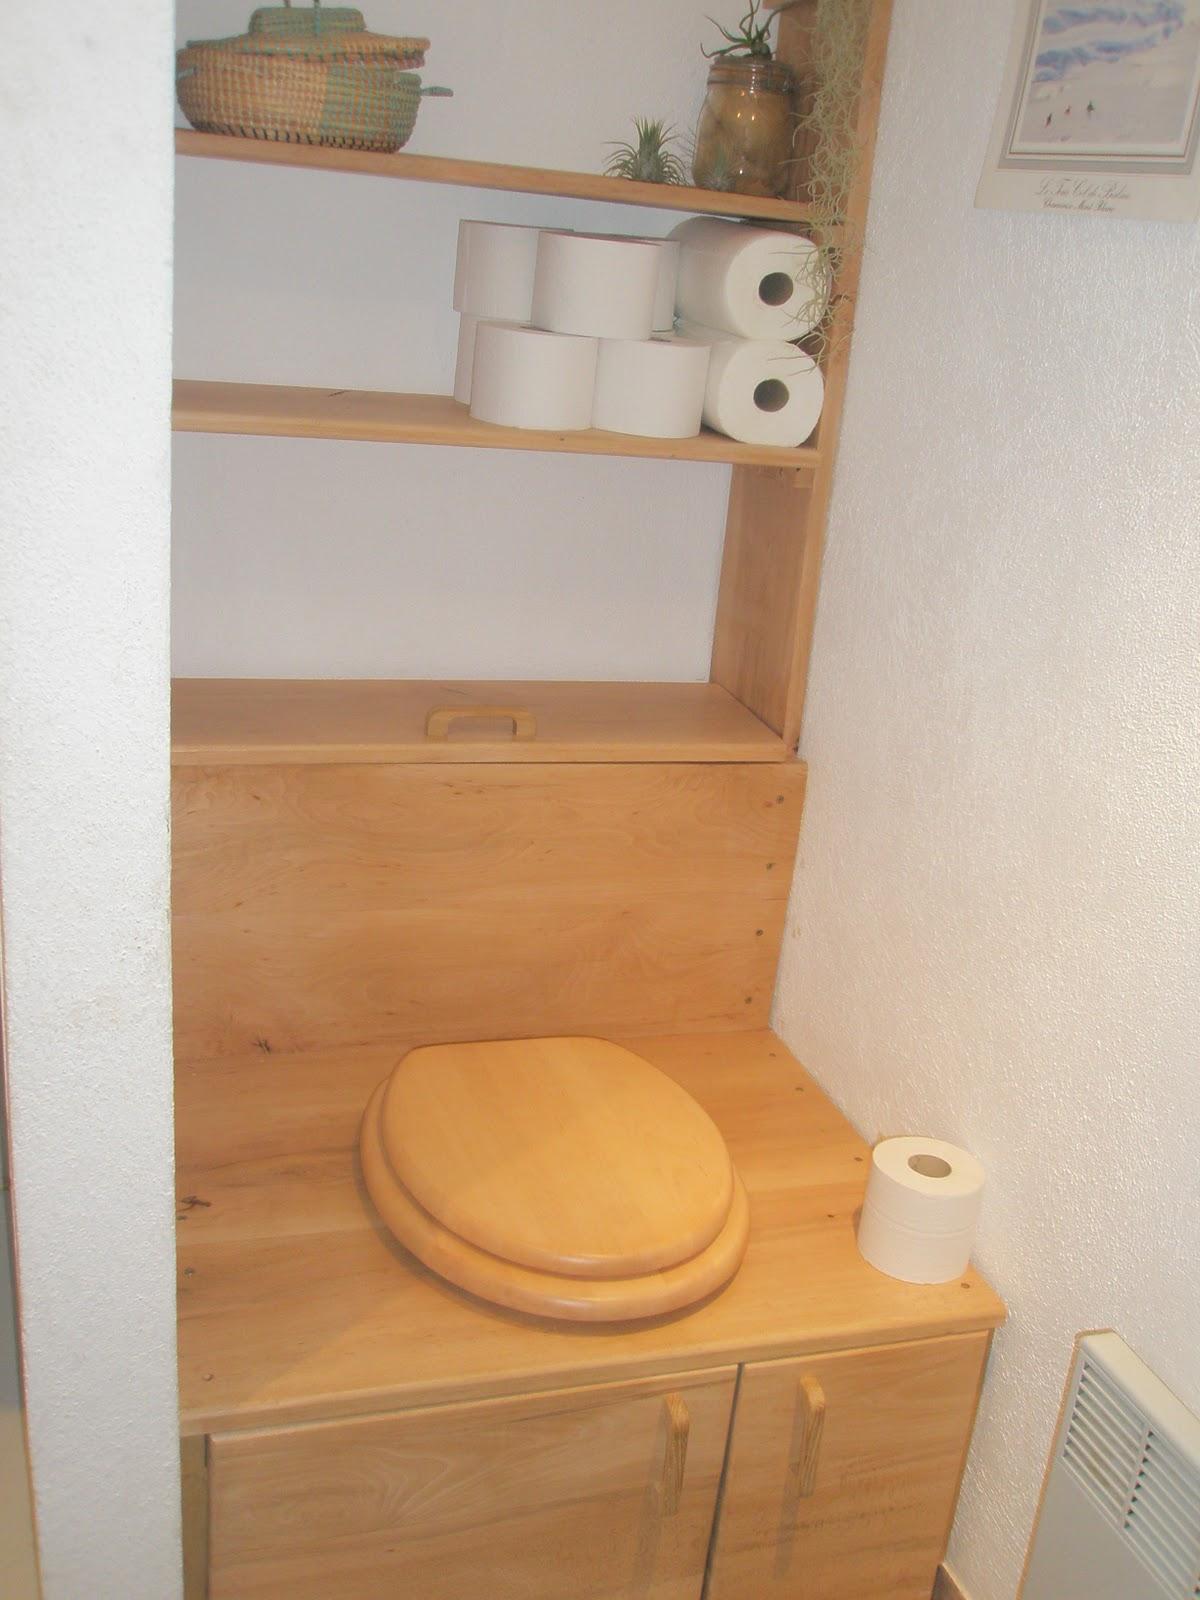 l 39 atelier de lucie jouets et objets en bois toilettes s ches mobilier et d coration. Black Bedroom Furniture Sets. Home Design Ideas